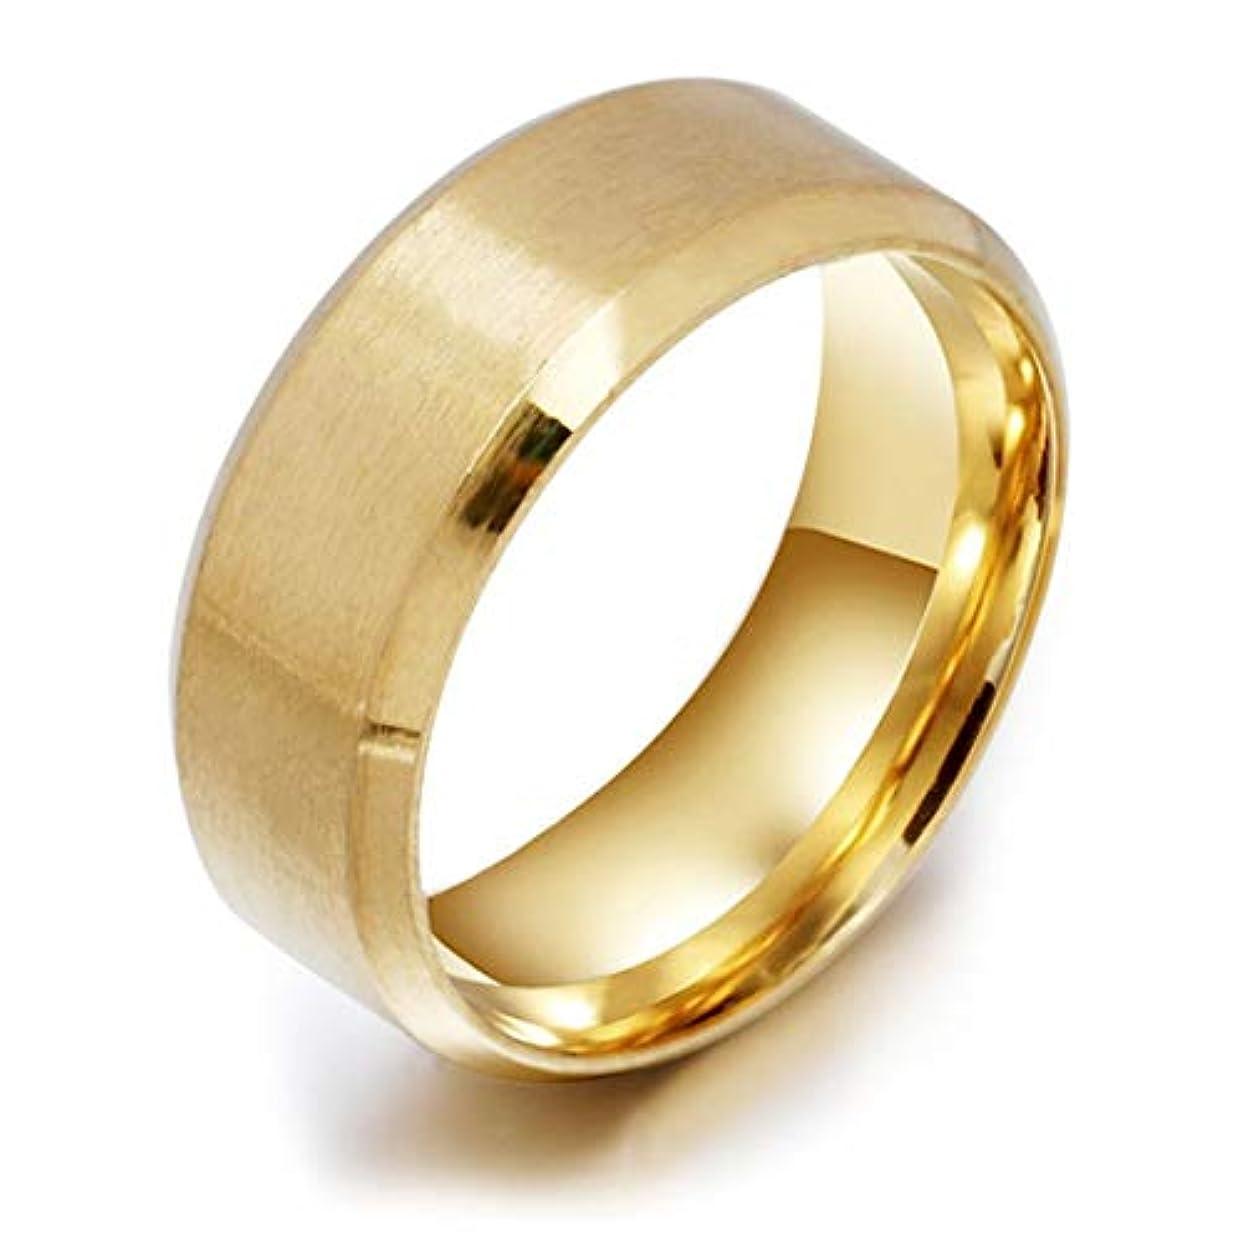 アンソロジー代表して有能なステンレス鋼の医療指リング磁気減量リング男性の女性のリングのための高いポーランドのファッションジュエリー (Panda) (色:シルバー)